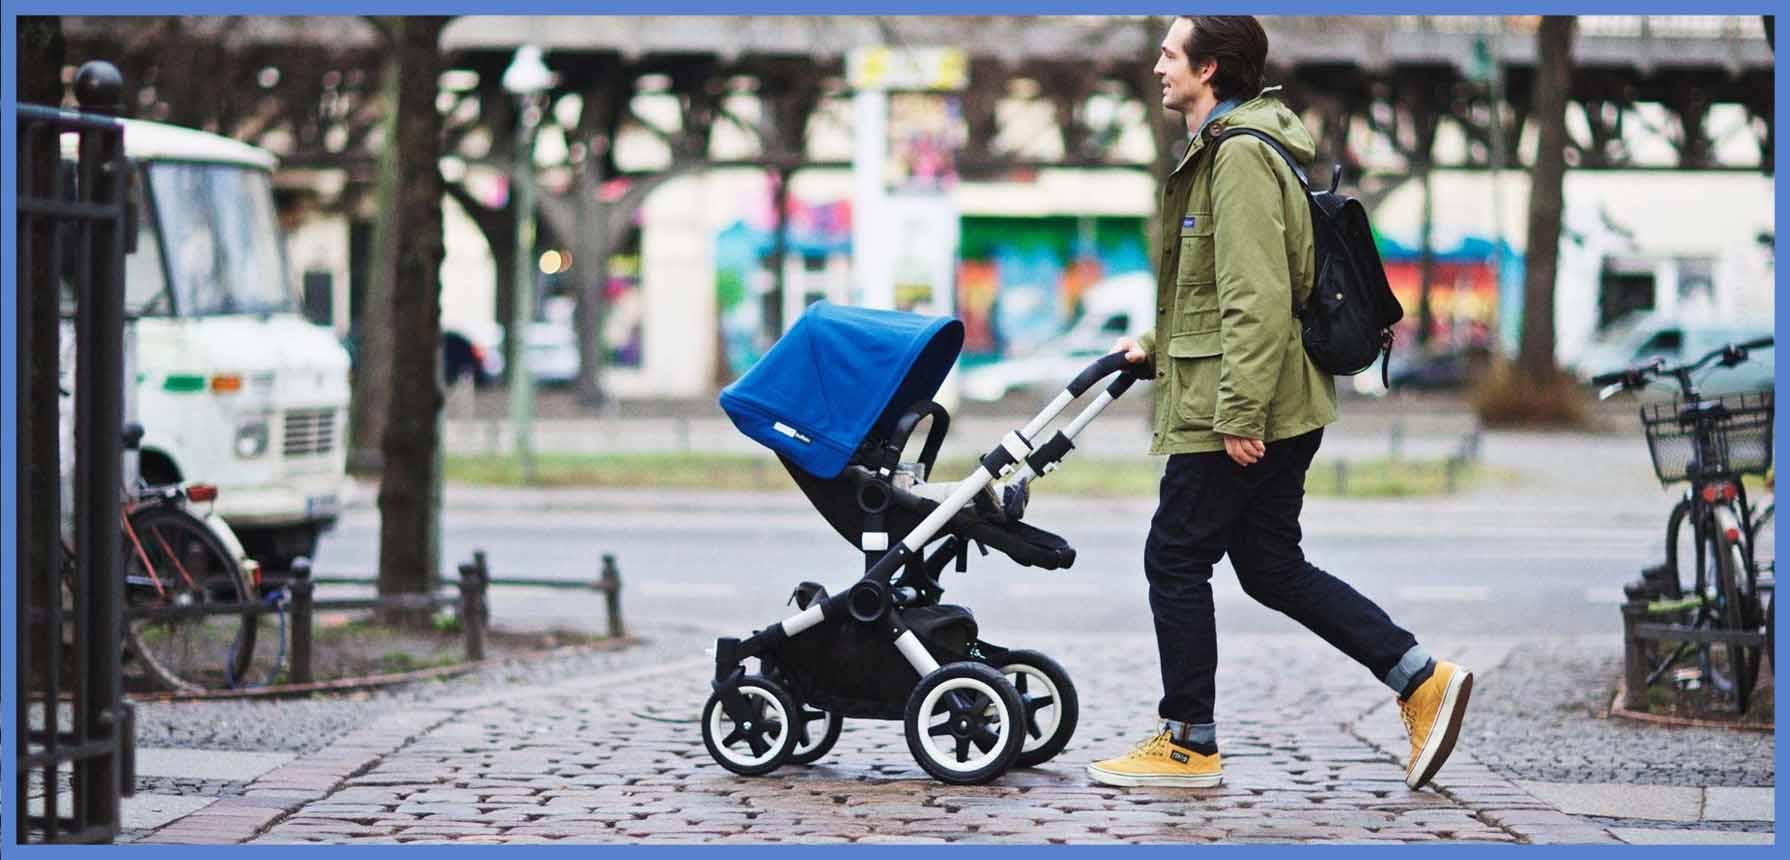 papa-paseando-con-su-carrito-de-bebe-comprado-en-piecitos-yuncos